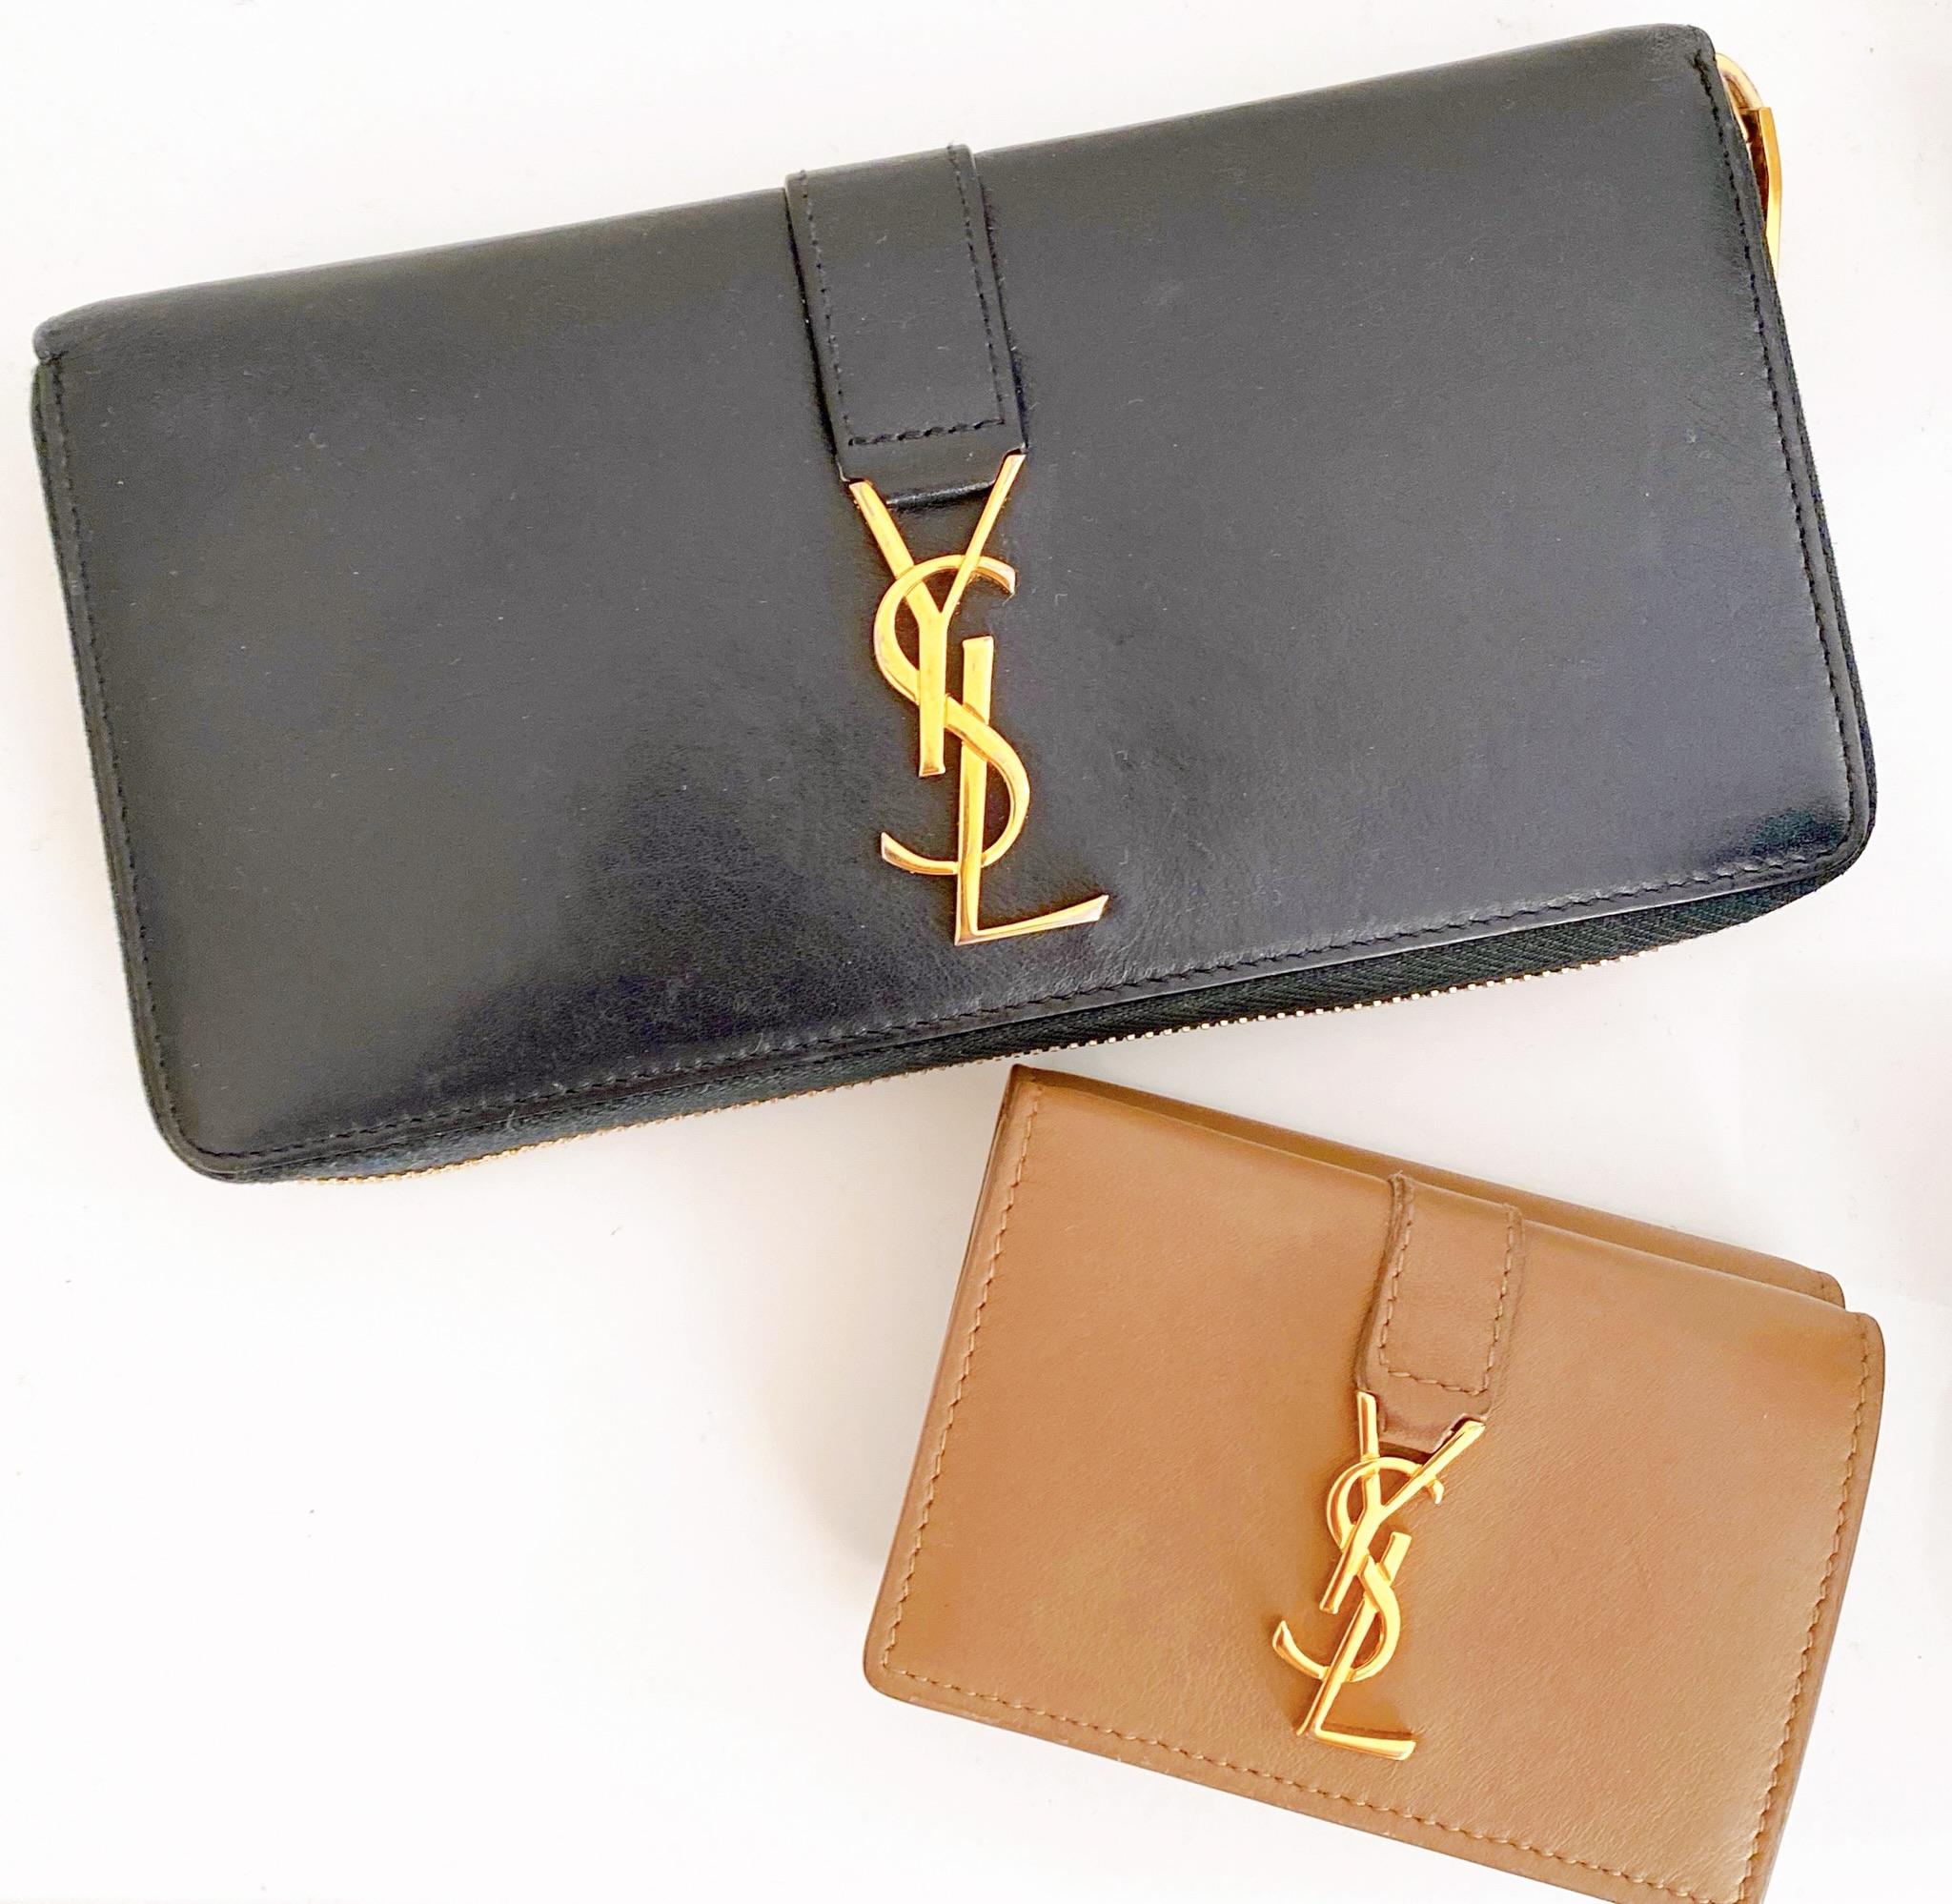 【20代女子の愛用財布】ミニ財布とおそろで持ちたい!イヴ・サンローラン_1